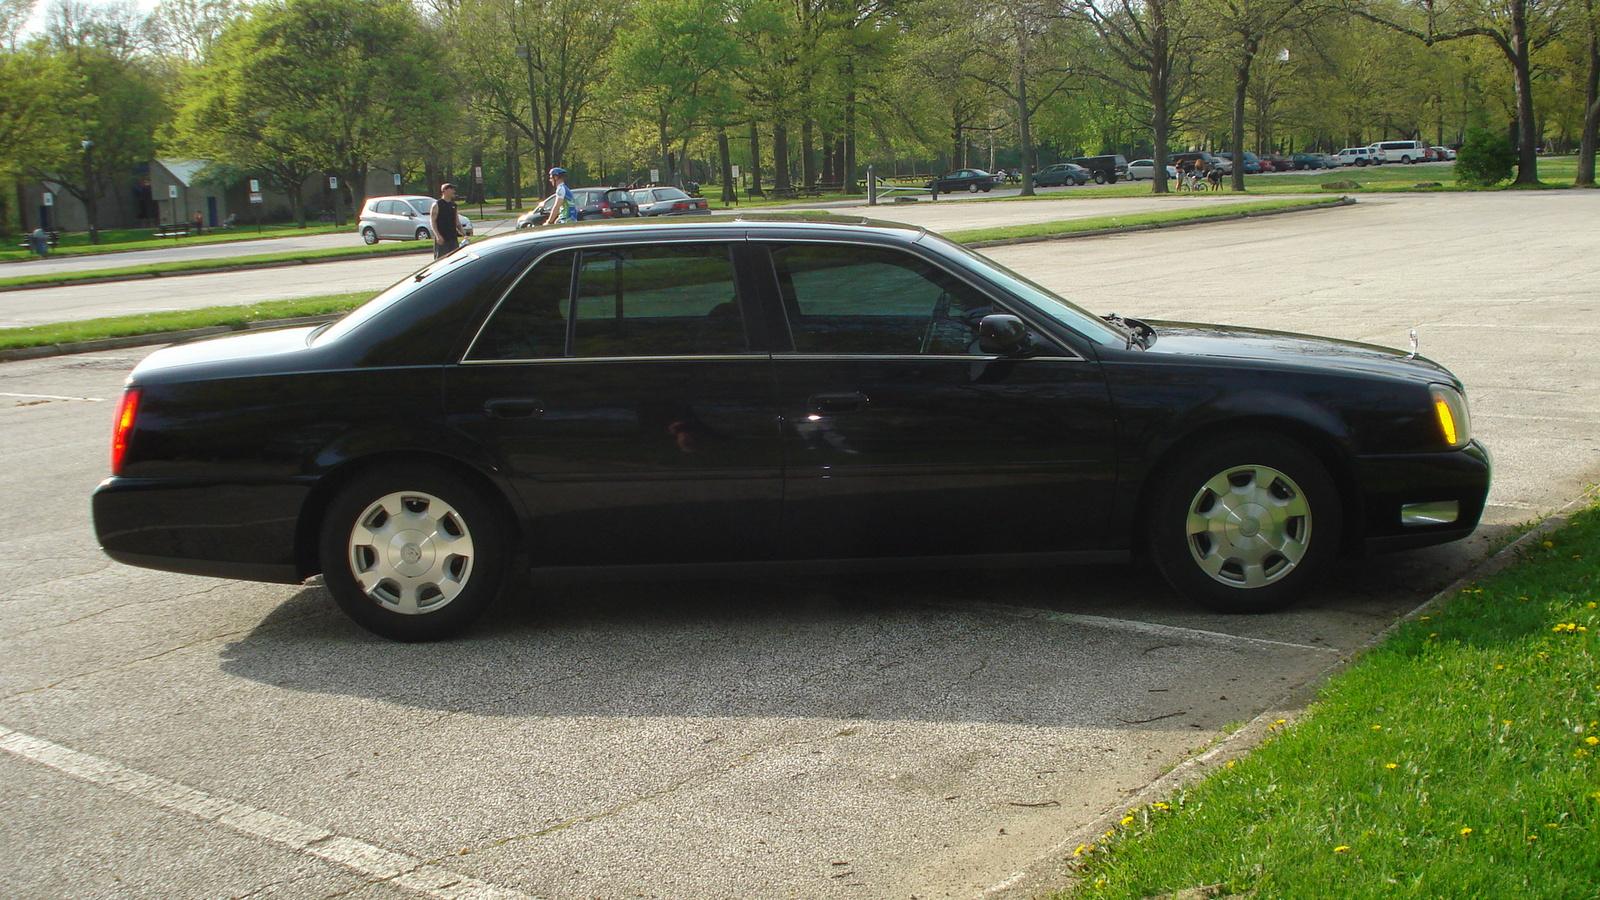 2002 Cadillac Deville Pictures Cargurus